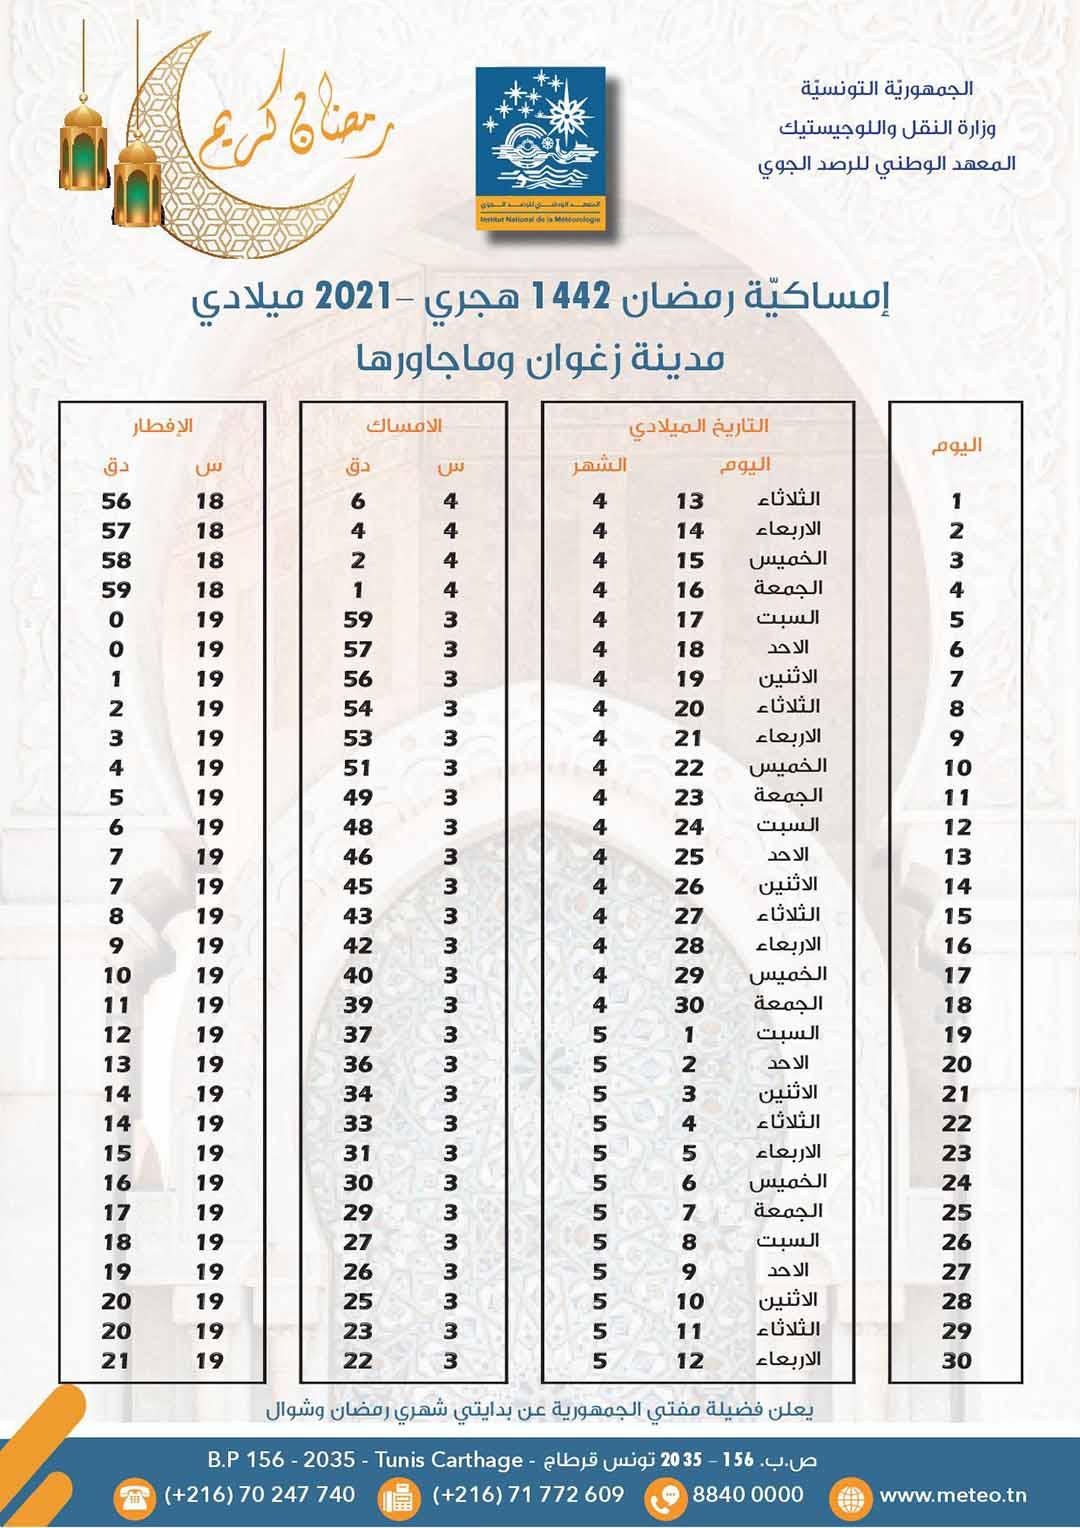 مواعيد الافطار و السحور في ولاية زغوان رمضان 2021 1 - هام: مواعيد الافطار والامساك لشهر رمضان حسب الولايات..